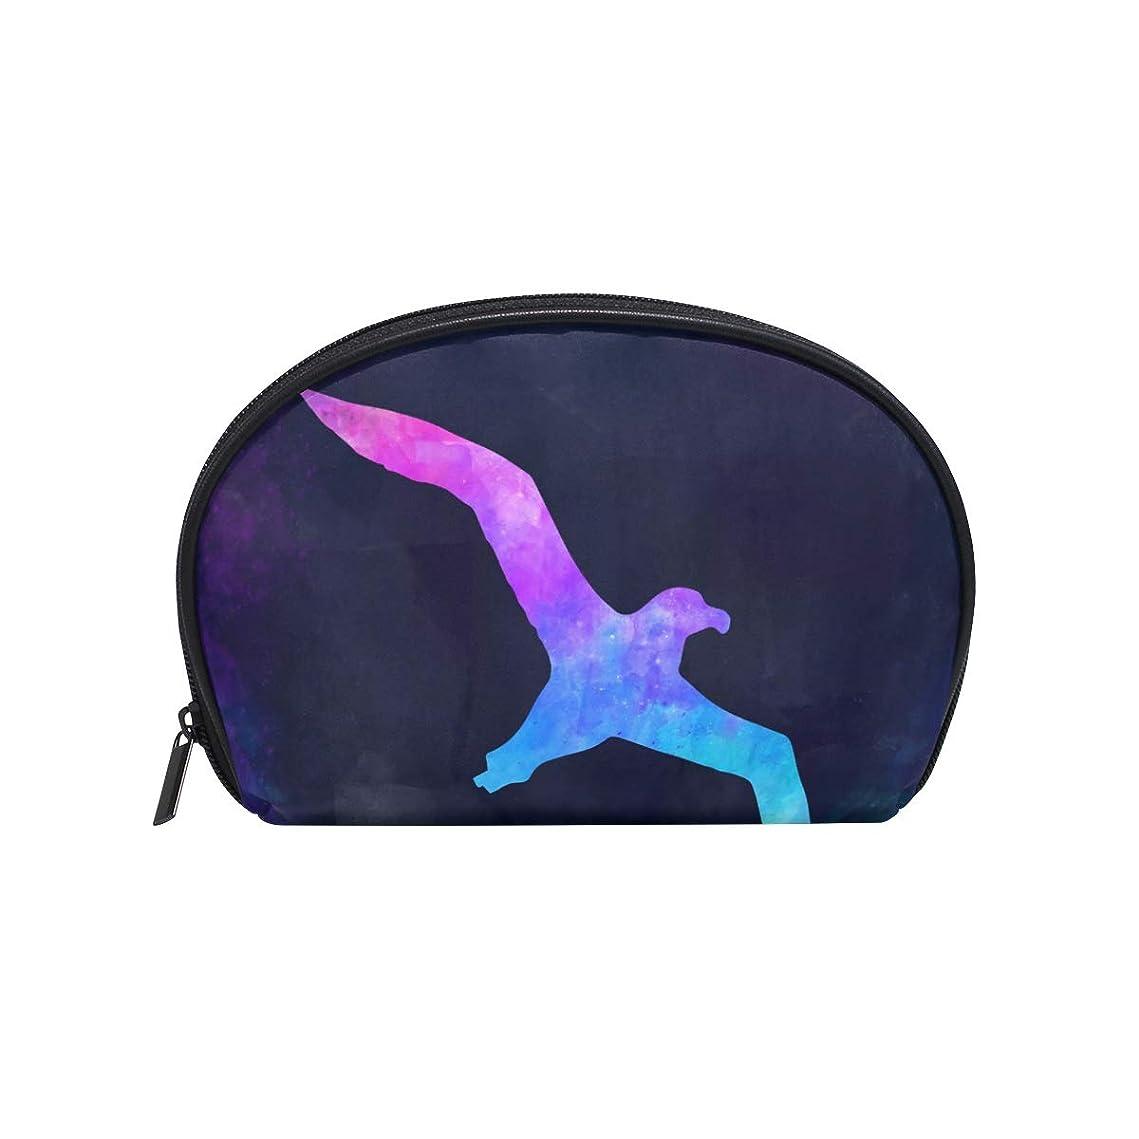 ながら一回関連する半月型 洋風 鳥 水彩 化粧ポーチ コスメポーチ コスメバッグ メイクポーチ 大容量 旅行 小物入れ